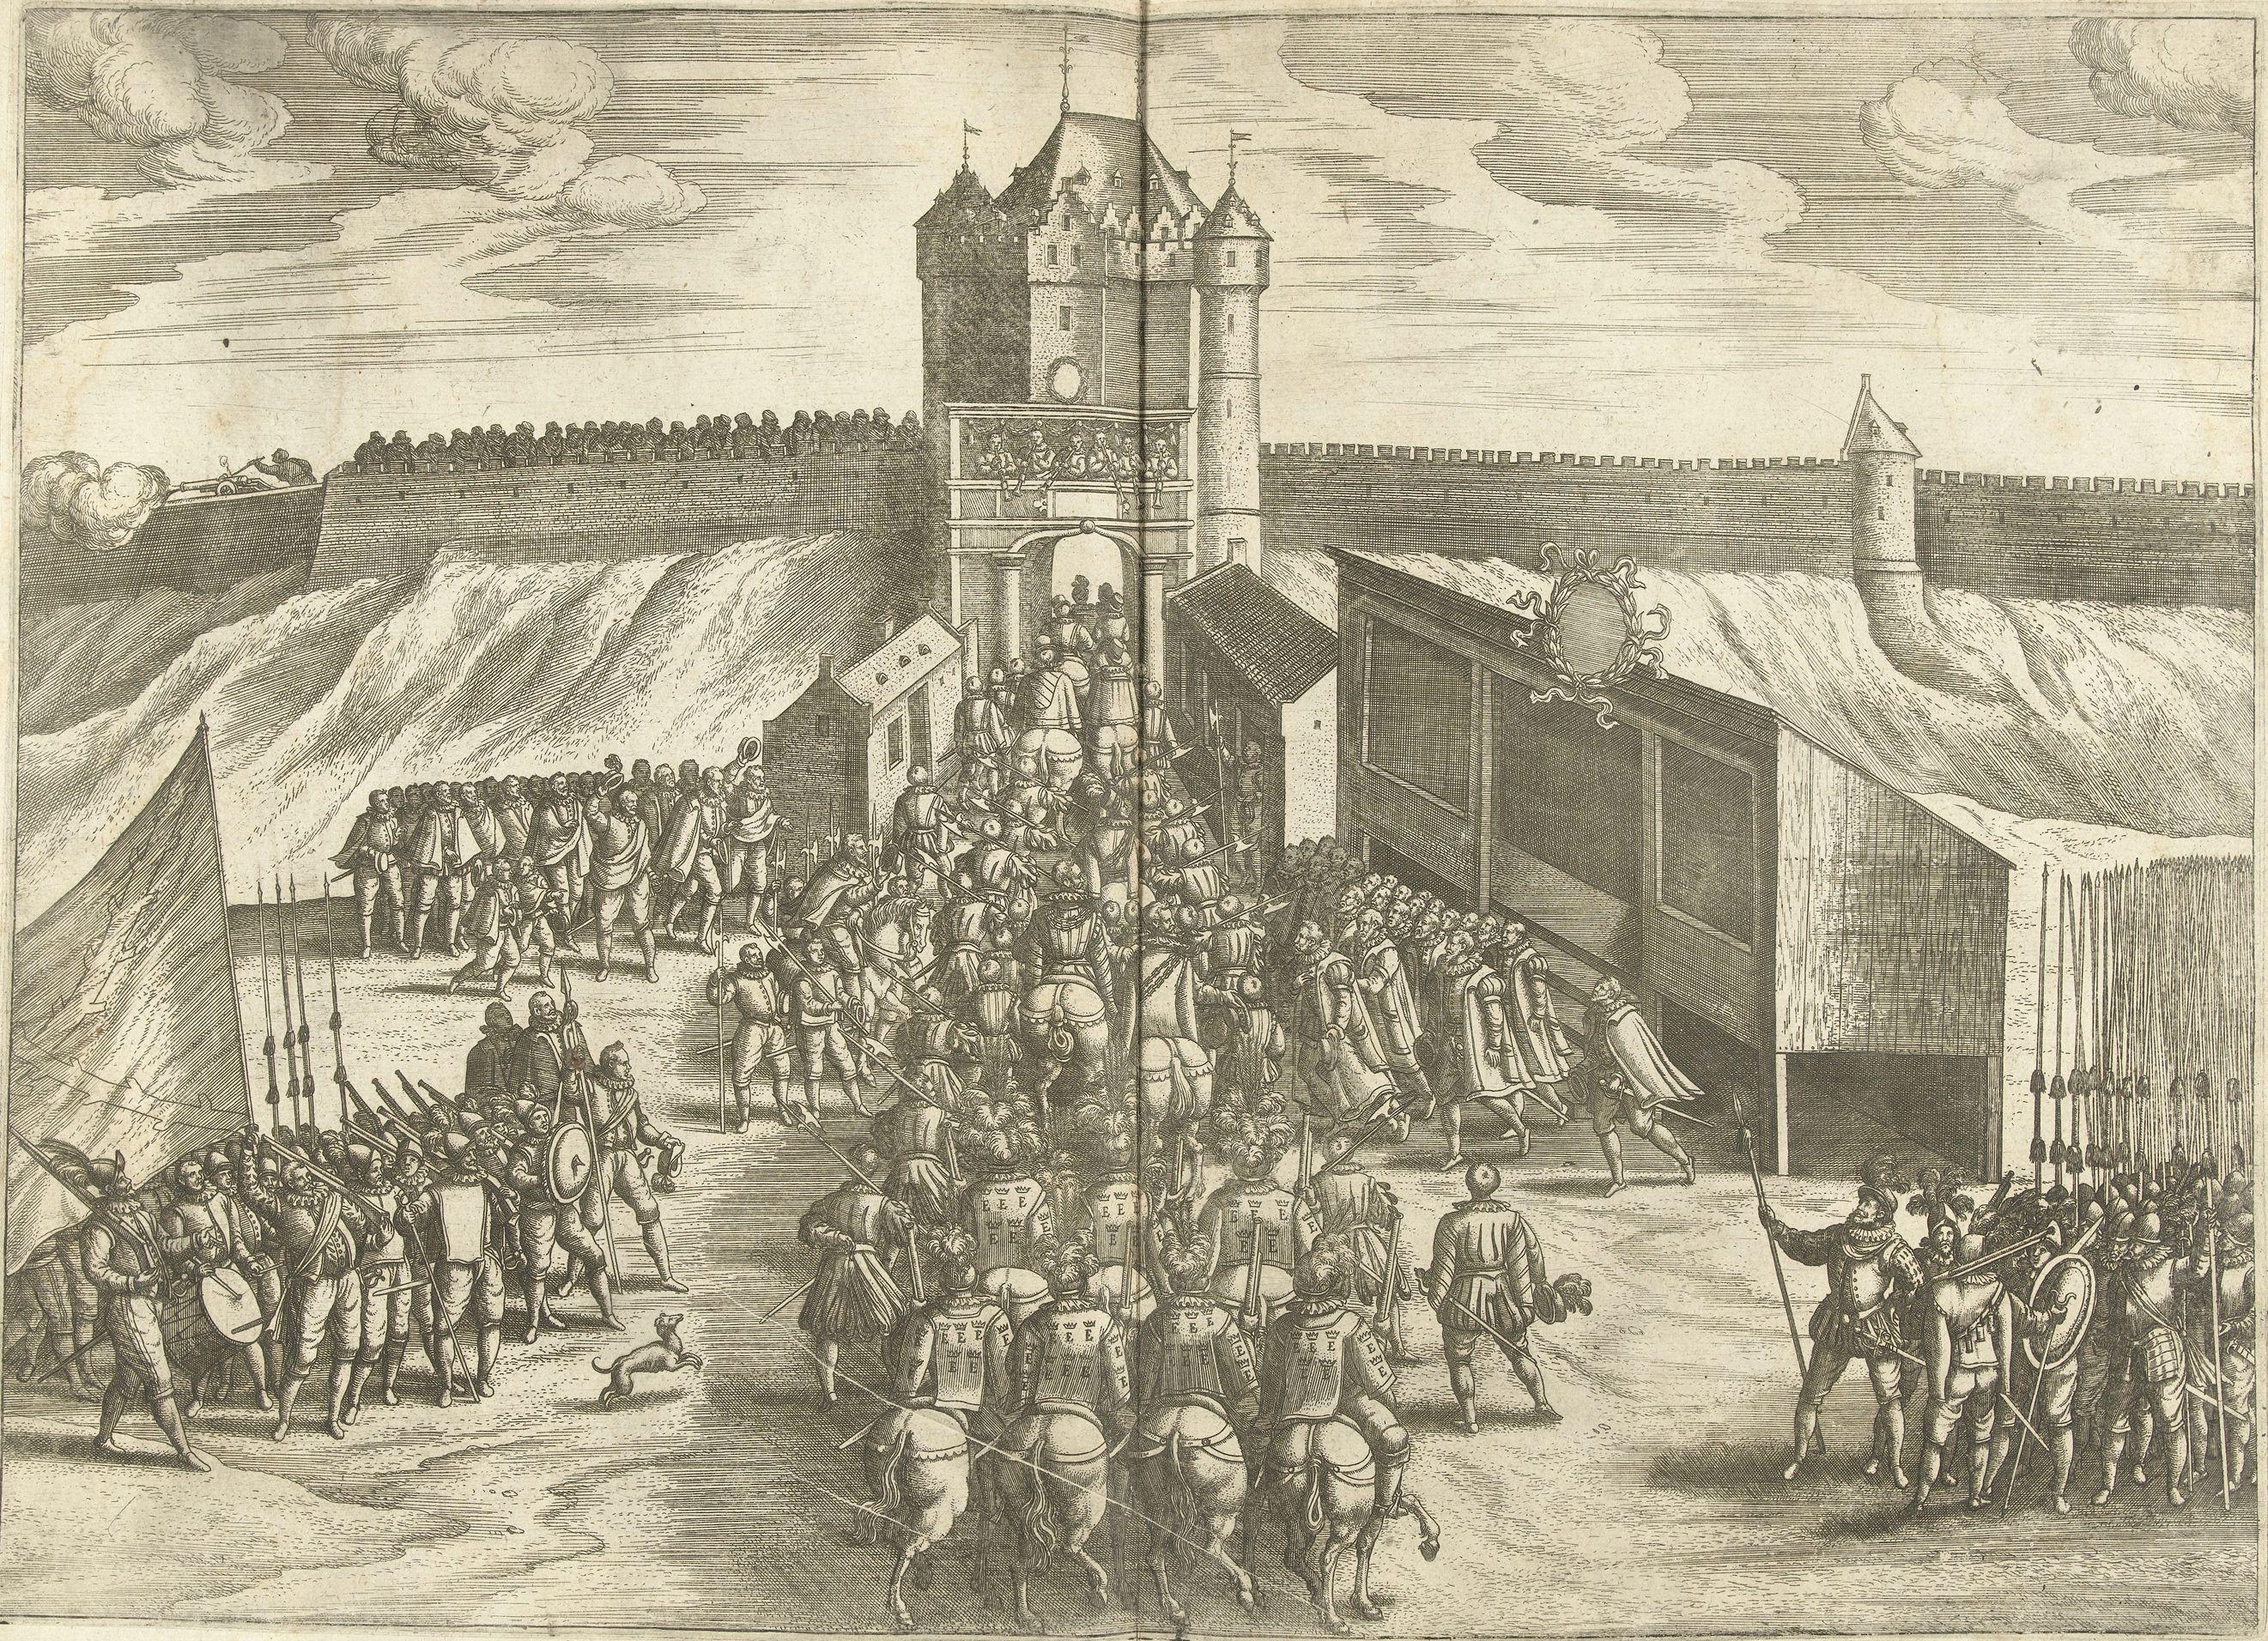 Abb.2: Unbekannter Künstler: Ankunft des Erzherzogs Ernst am Leuven- Tor in Brüssel, 1594, Radierung, 36 x 53 cm, Amsterdam, Rijksmuseum, Foto: Museum.